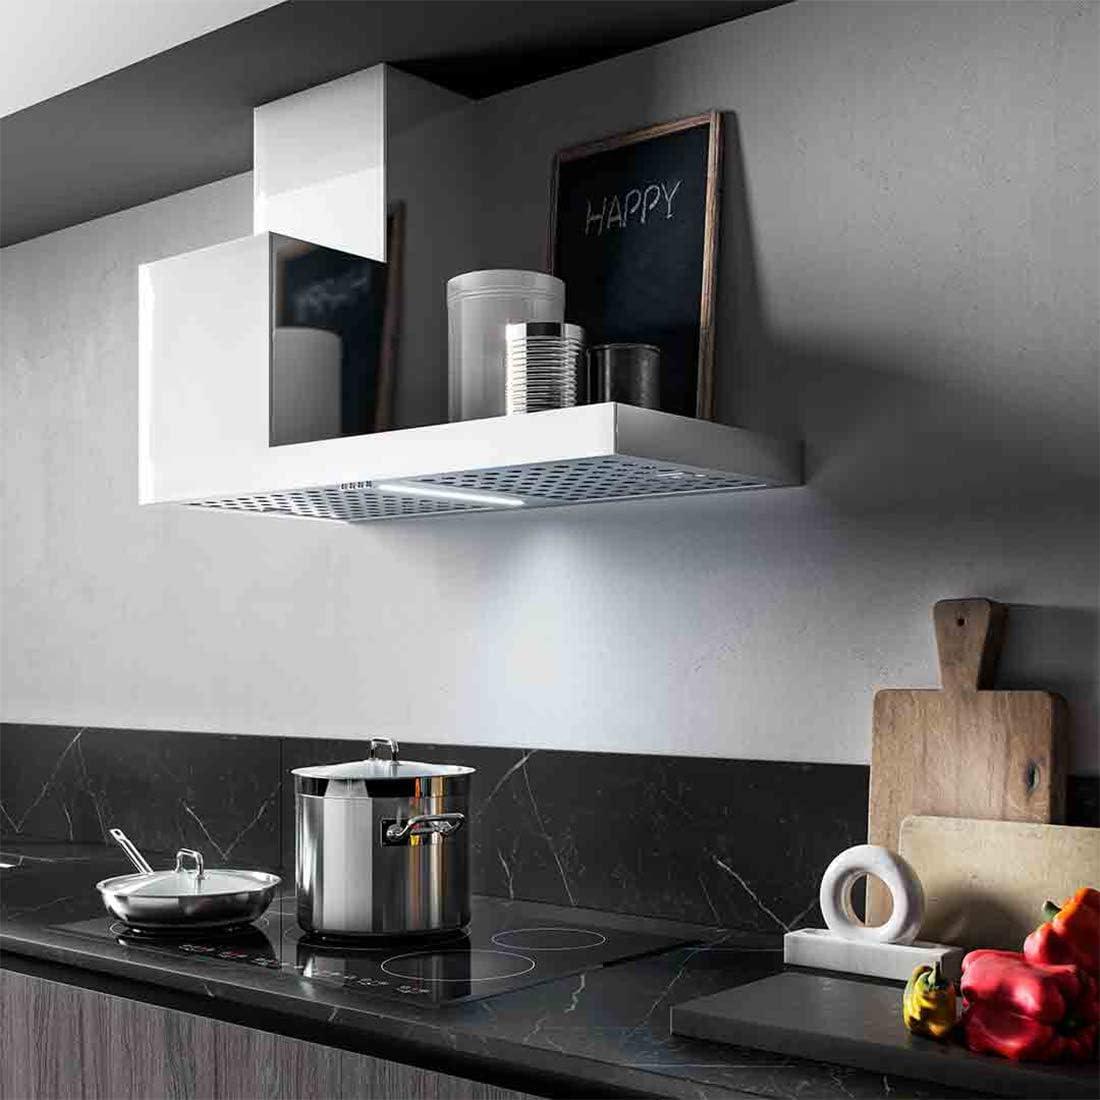 KDesign Campana extractora de pared, modelo K105, disponible en 2 tamaños, filtros de carbono, iluminación LED, diseño 100% fabricado en Italia (120 cm lado derecho)